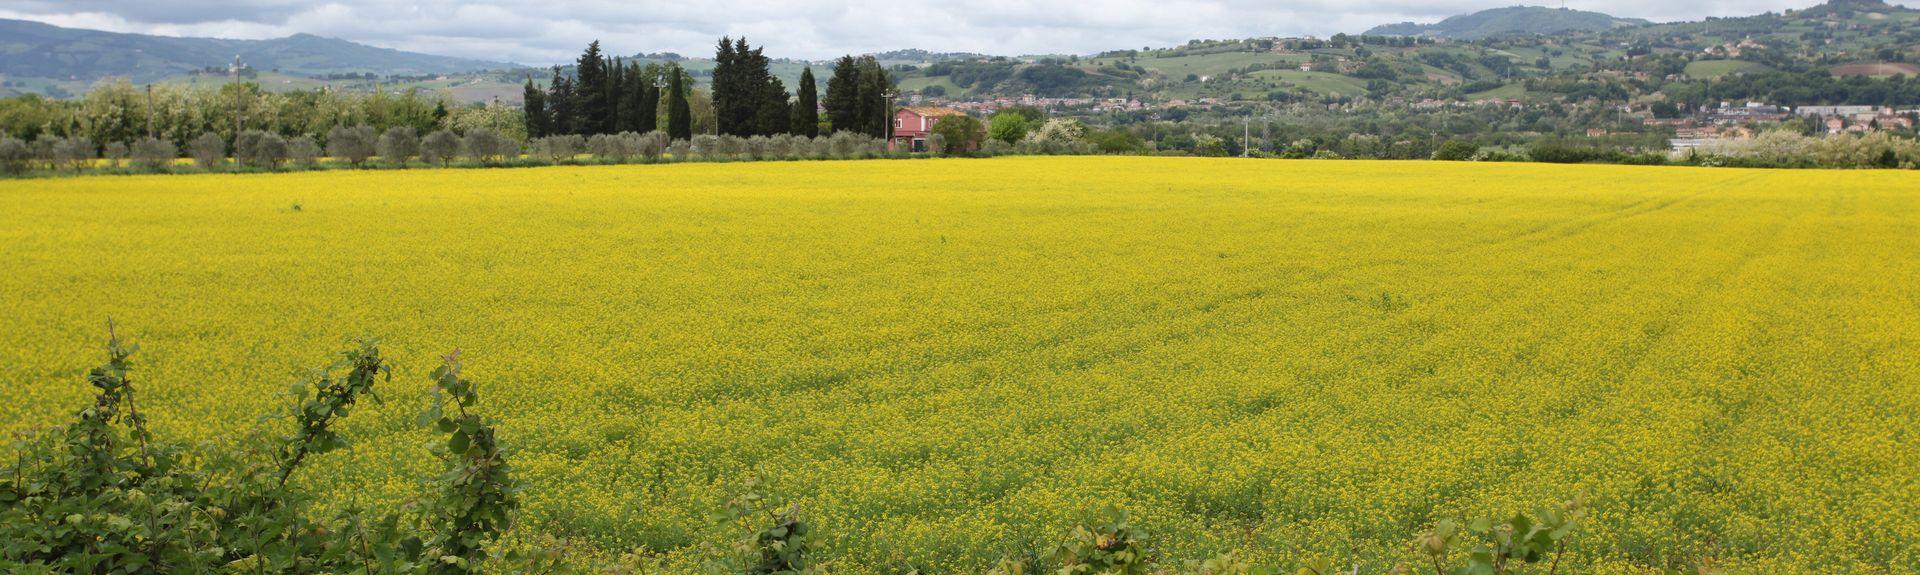 San Lorenzo In Campo, Province of Pesaro and Urbino, Le Marche, Italy